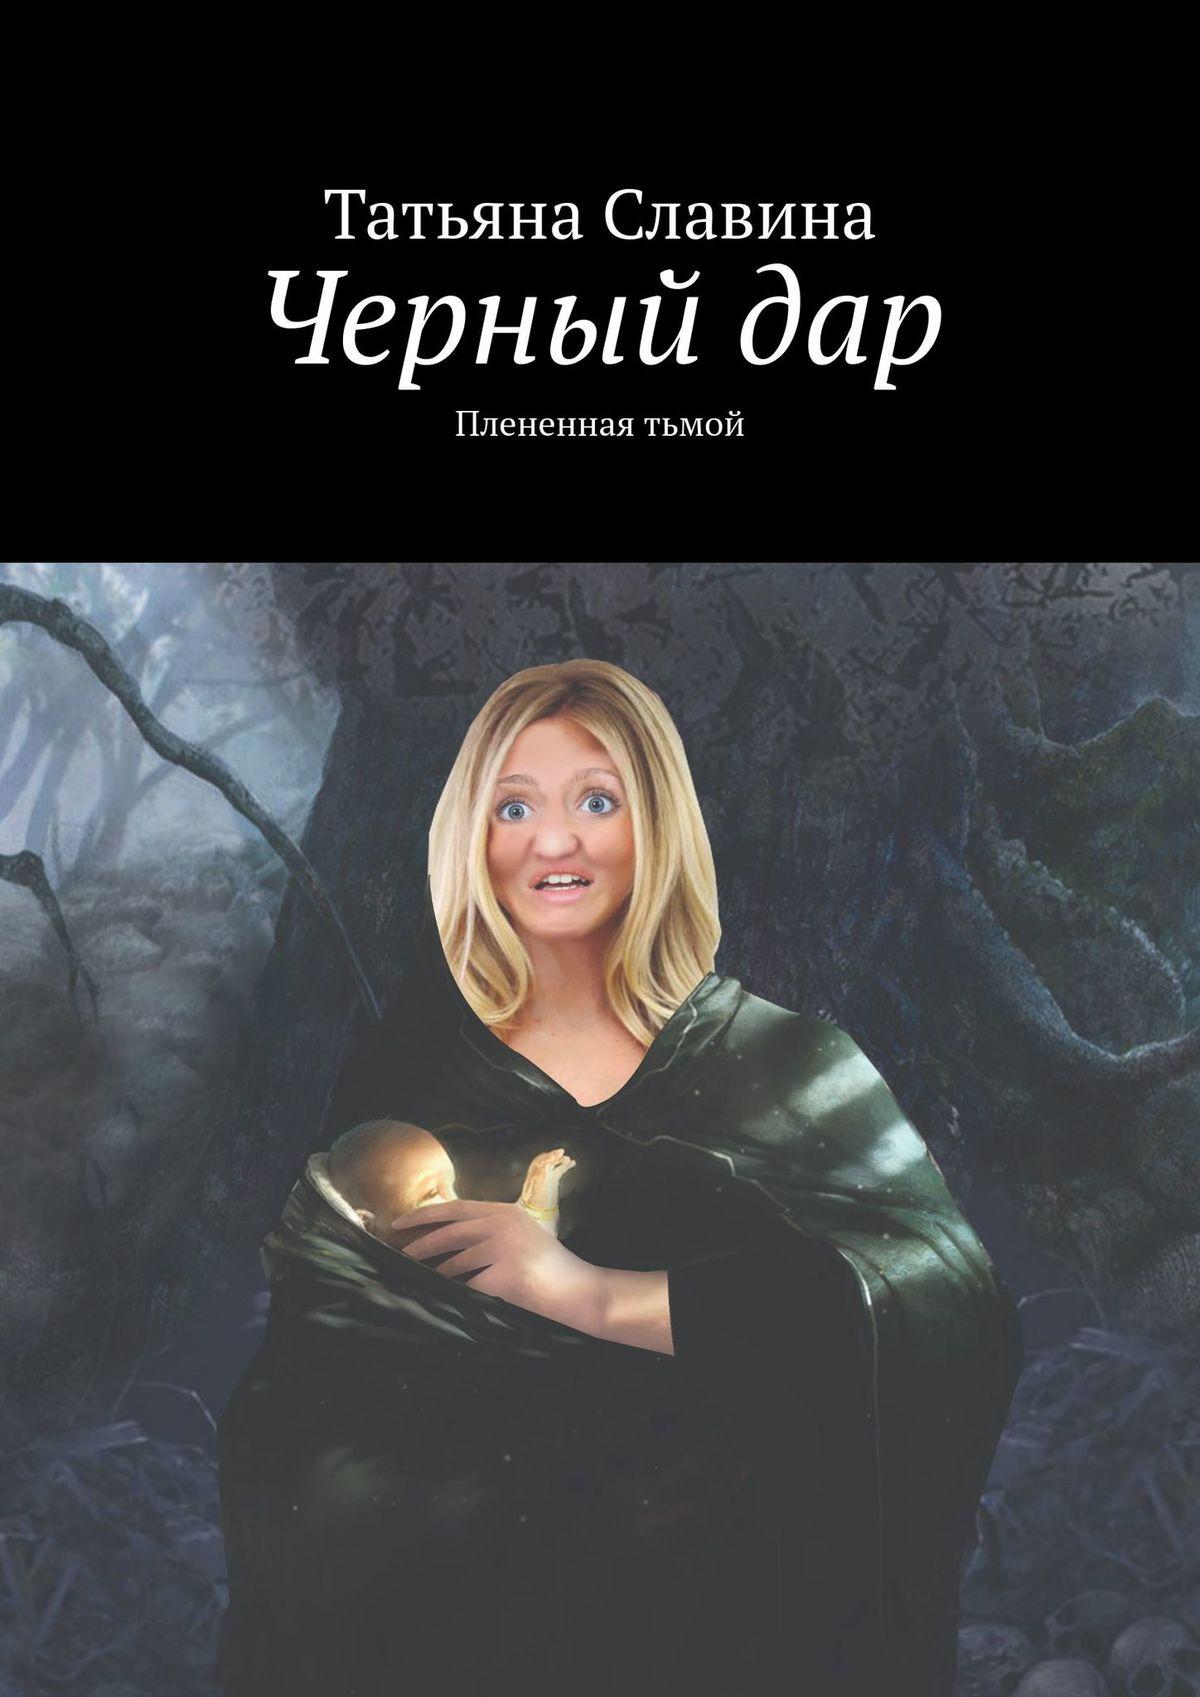 Татьяна Славина Черный дар. Плененная тьмой татьяна славина черный дар наследник старого колдуна